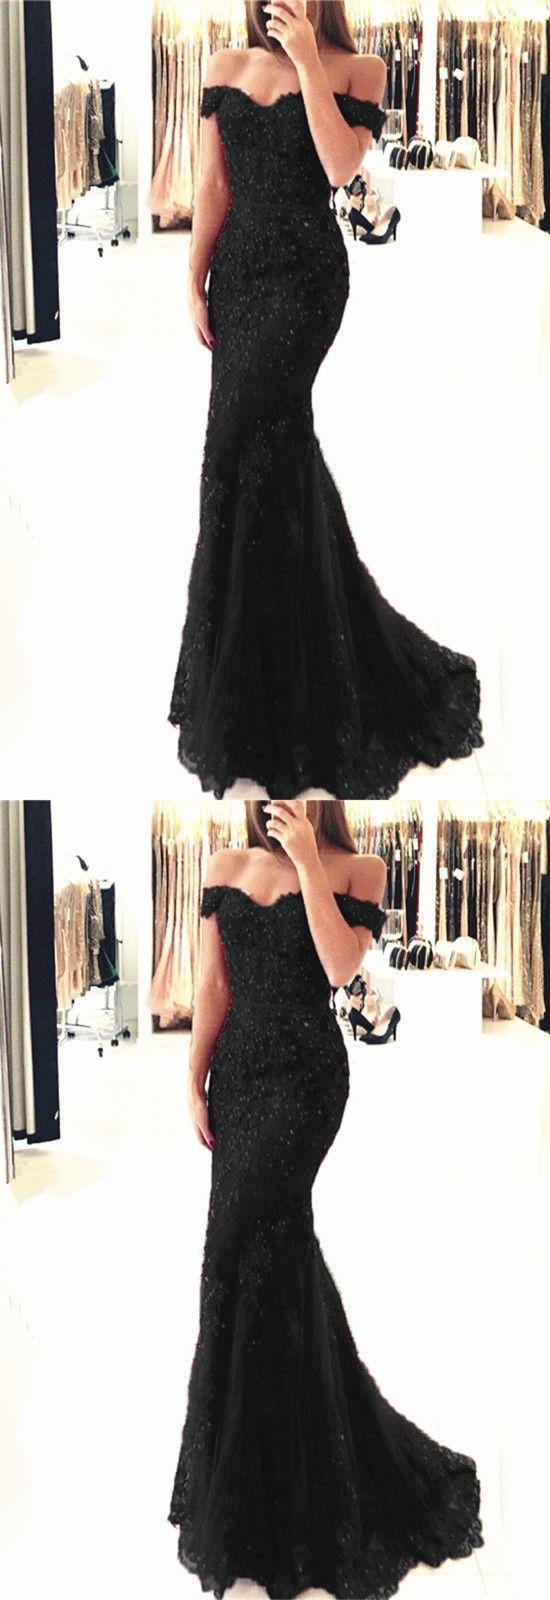 Long black vneck prom dressesofftheshoulder mermaid prom